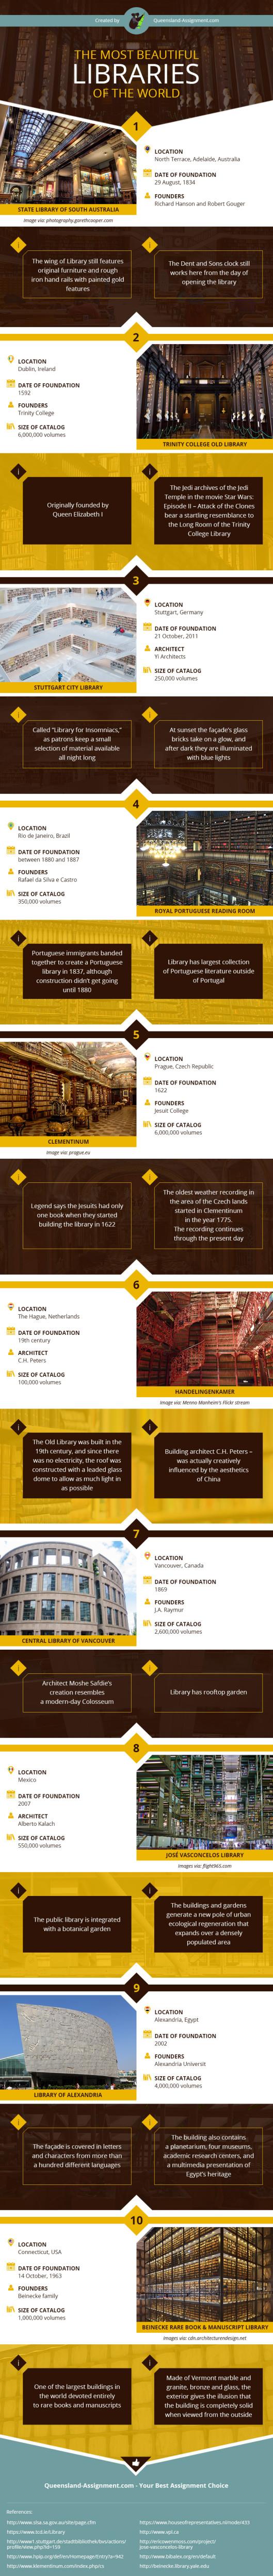 nejkrásnější knihovny světa - infografika